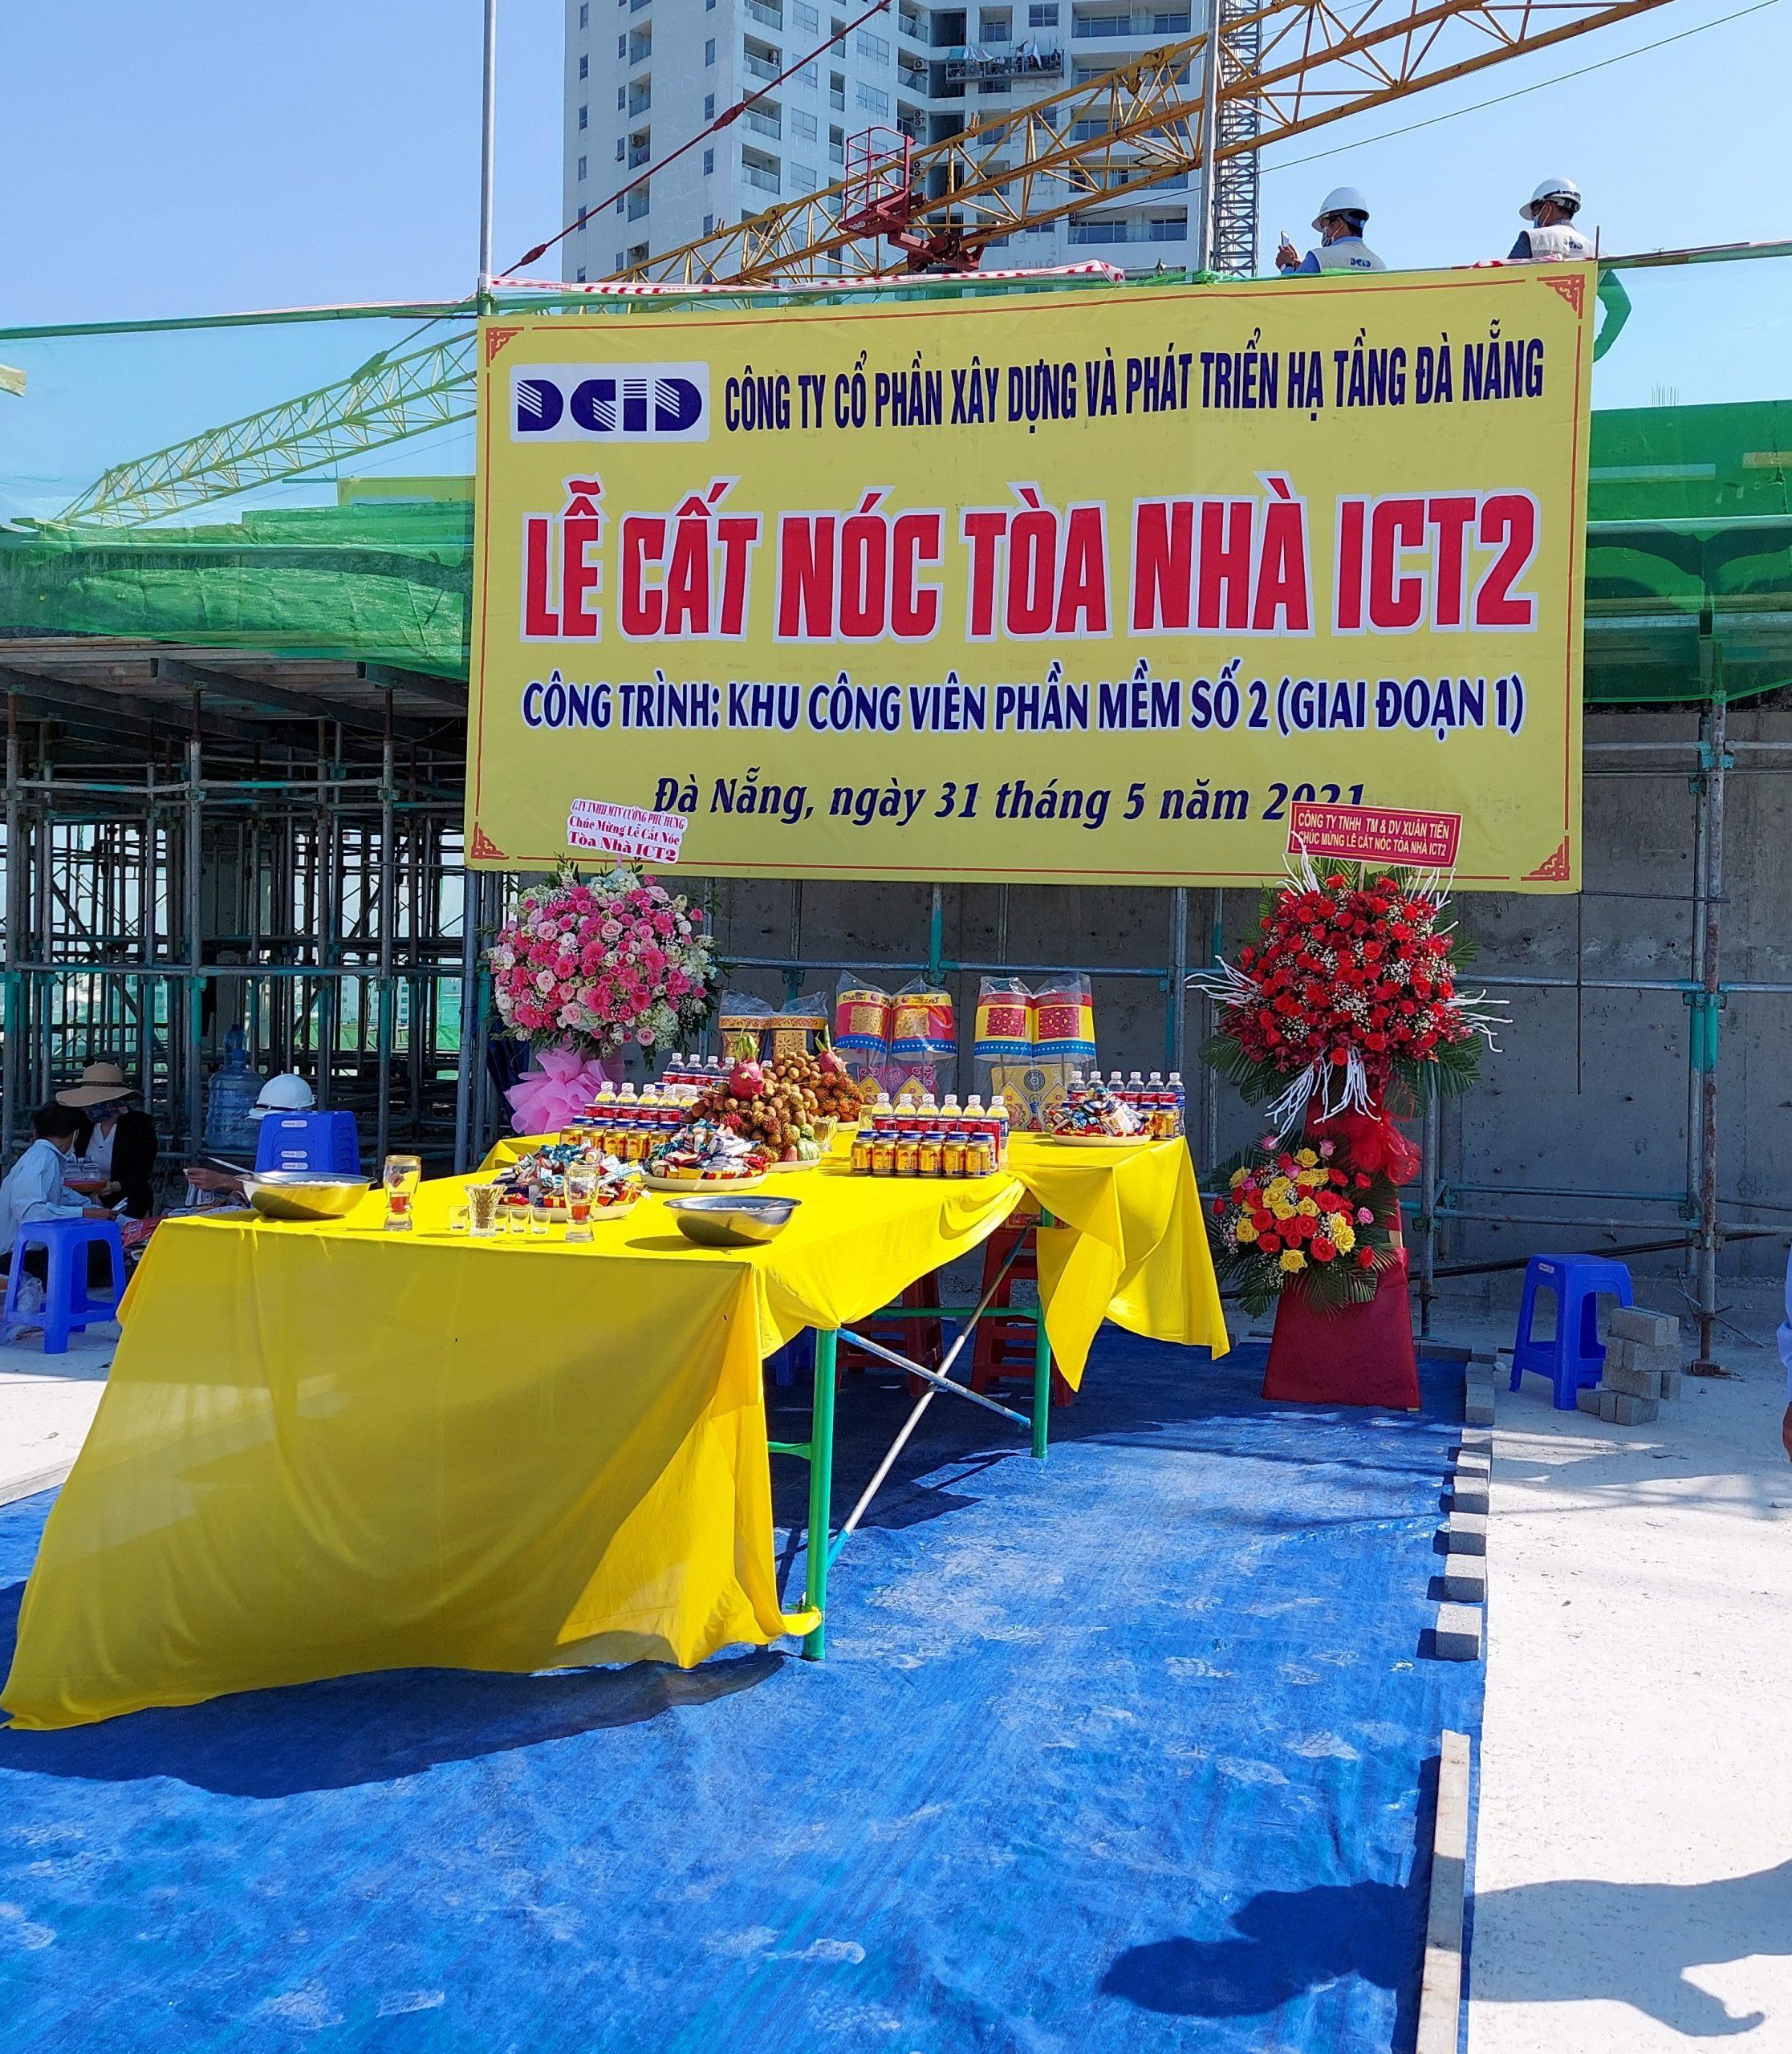 DCID tổ chức cất nóc Tòa nhà văn phòng ICT 2 thuộc công trình Khu công viên phần mềm số 2 (giai đoạn 1)